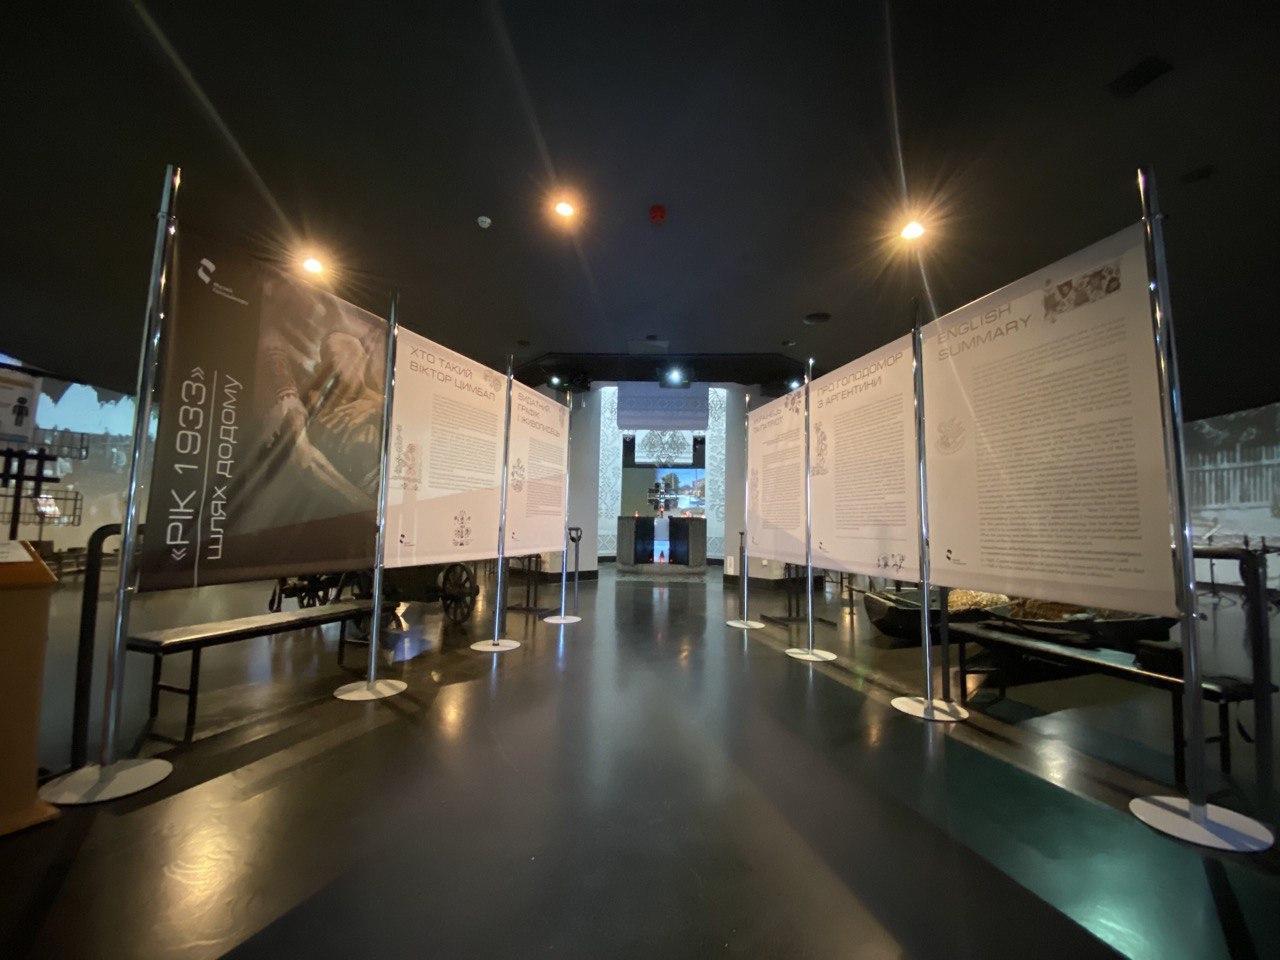 На фото - вигляд виставки від входу до Зали пам'яті. Це прохід до центральної частини зали, зліва та справа розташовані по три банера з зображенням картини та описом виставки